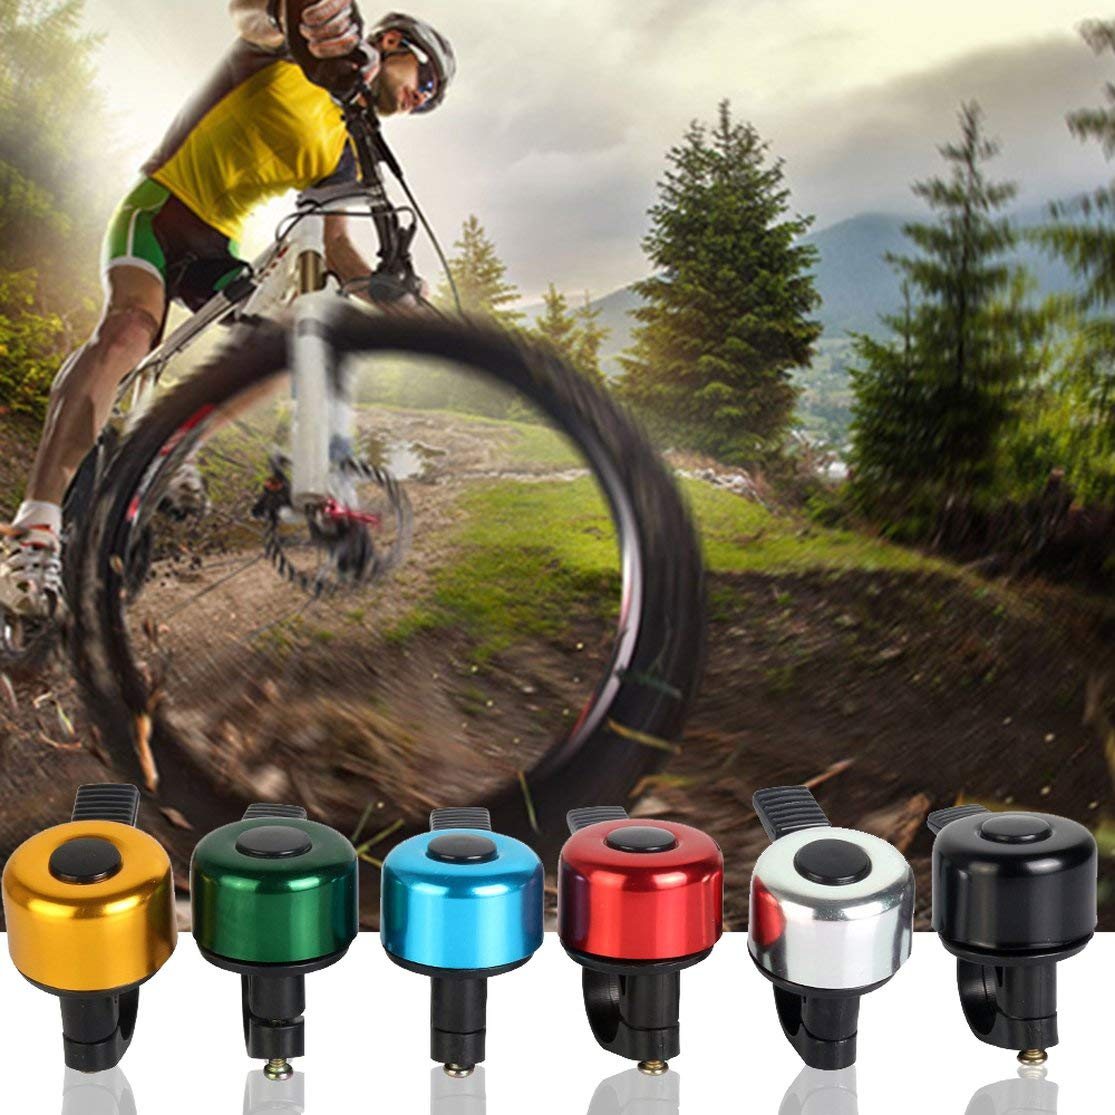 Candybarbar Campanas de Bicicleta de Aluminio duraderas adecuadas para Bicicleta Plegable MTB Bocina de Bicicleta Sonido Fuerte Accesorios de Bicicleta Anillo de Campana